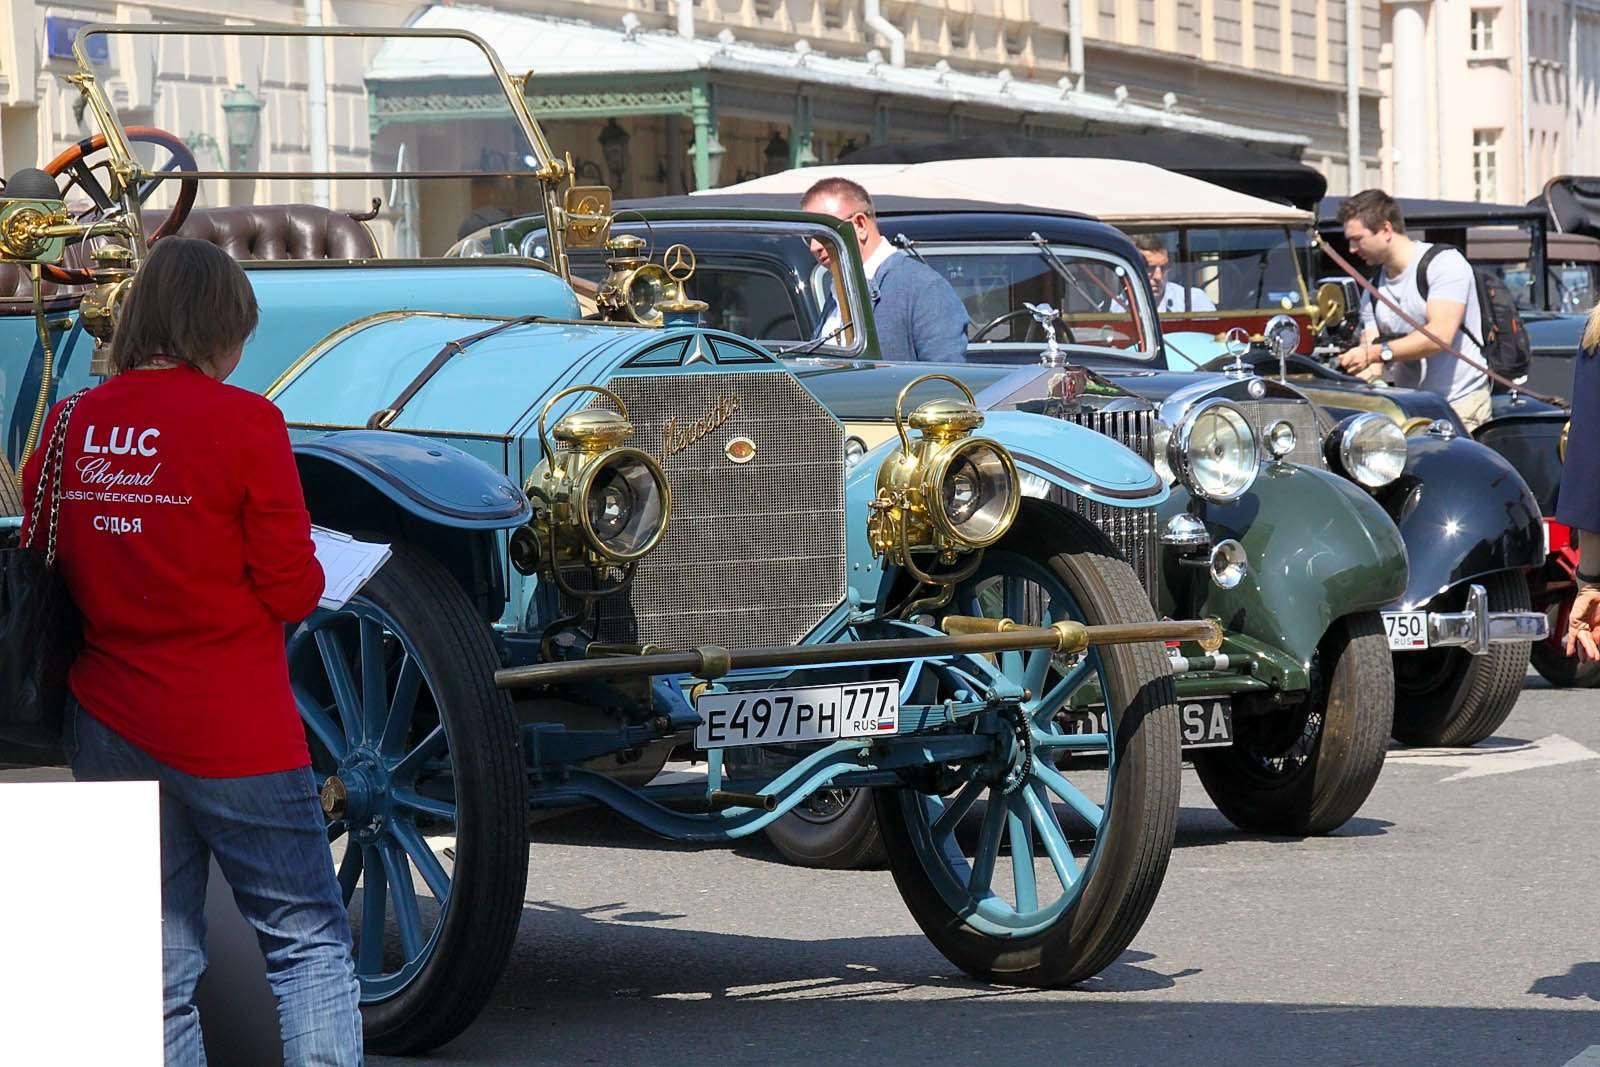 L.U.C Chopard Classic Weekend Rally: эмоции сналетом старины— фото 595984